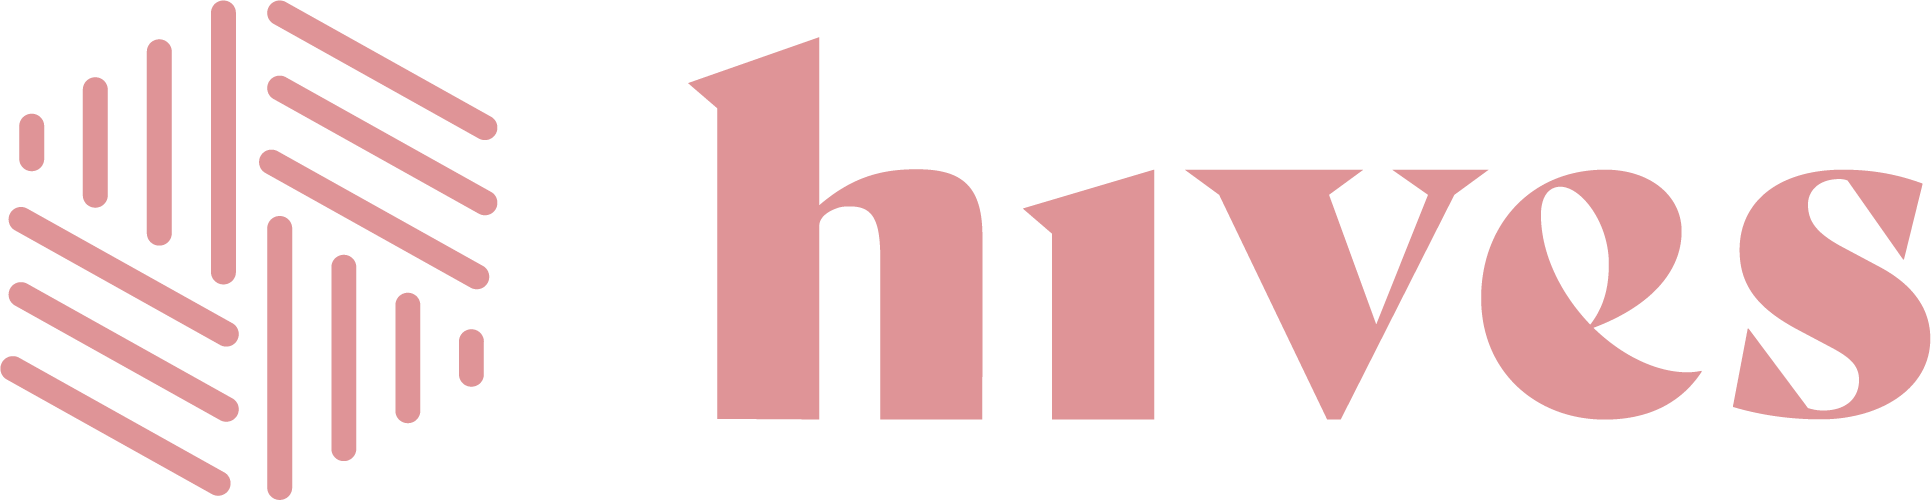 Hives Logo Horizontal Pink 1 @4x